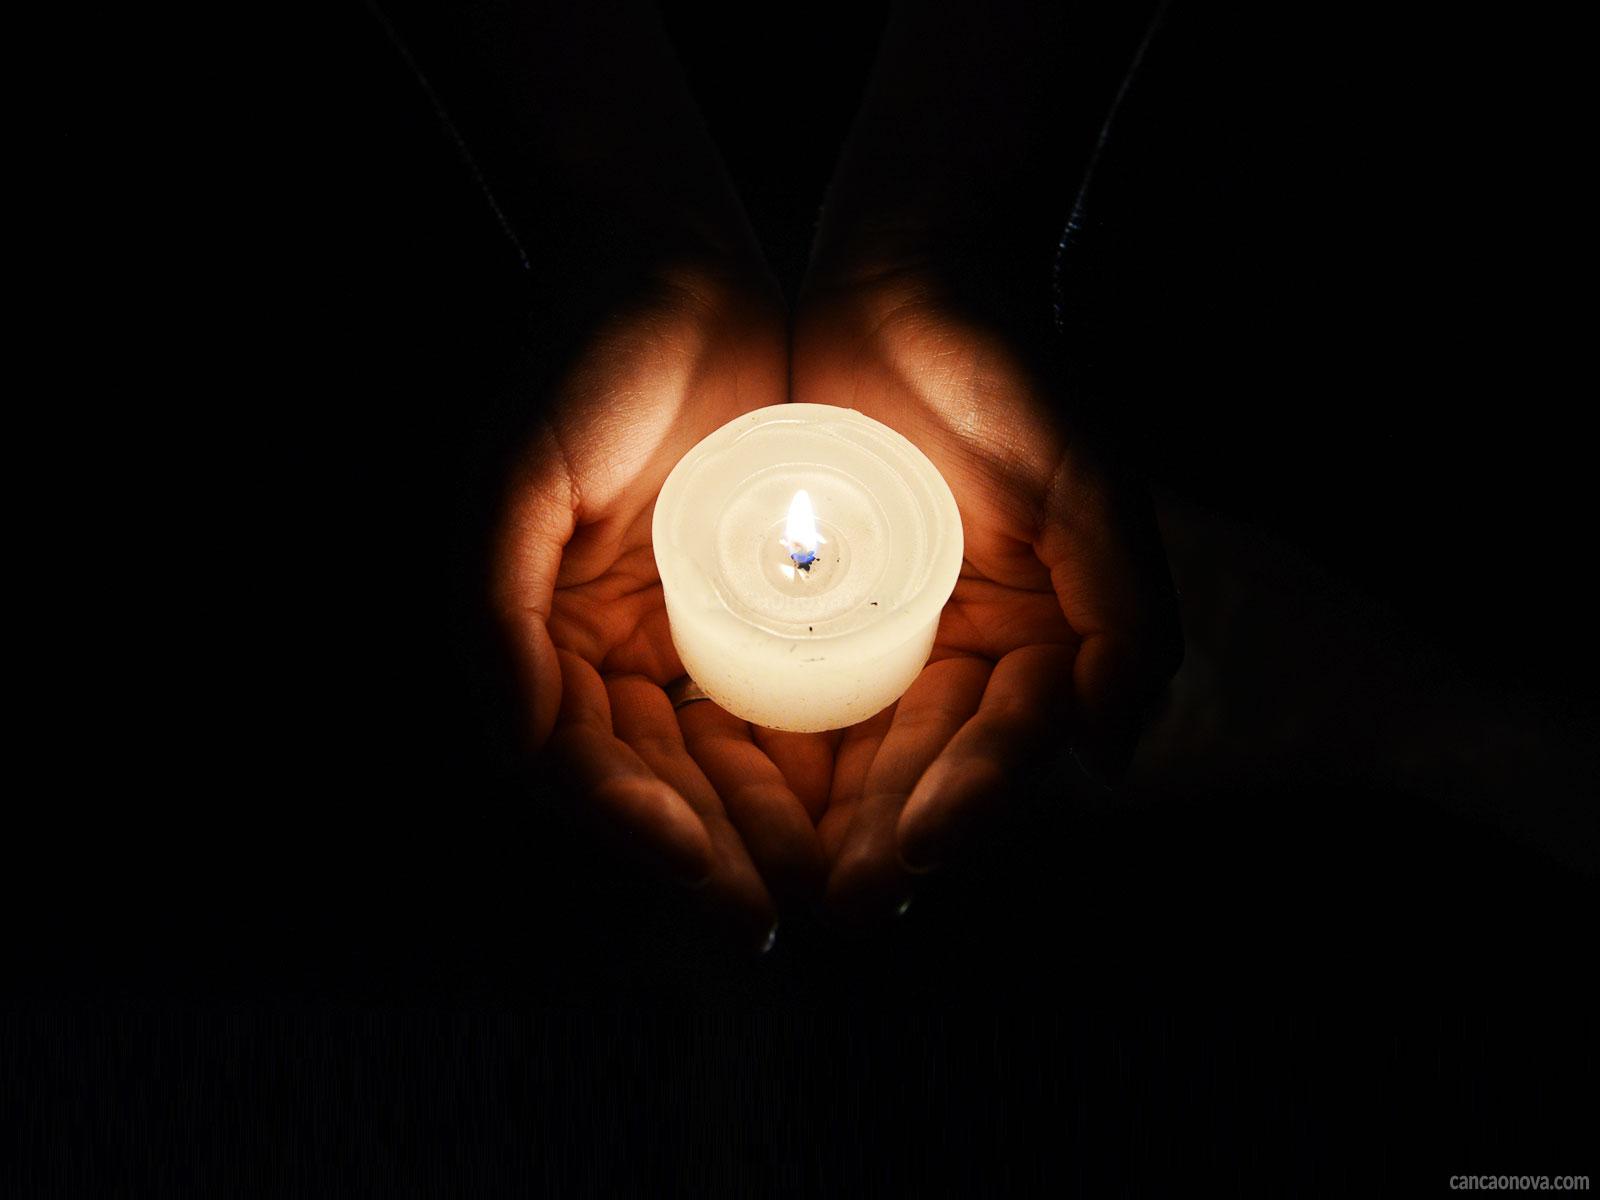 -O-consagrado-a-Deus-deve-ser-reflexo-da-Luz-neste-mundo